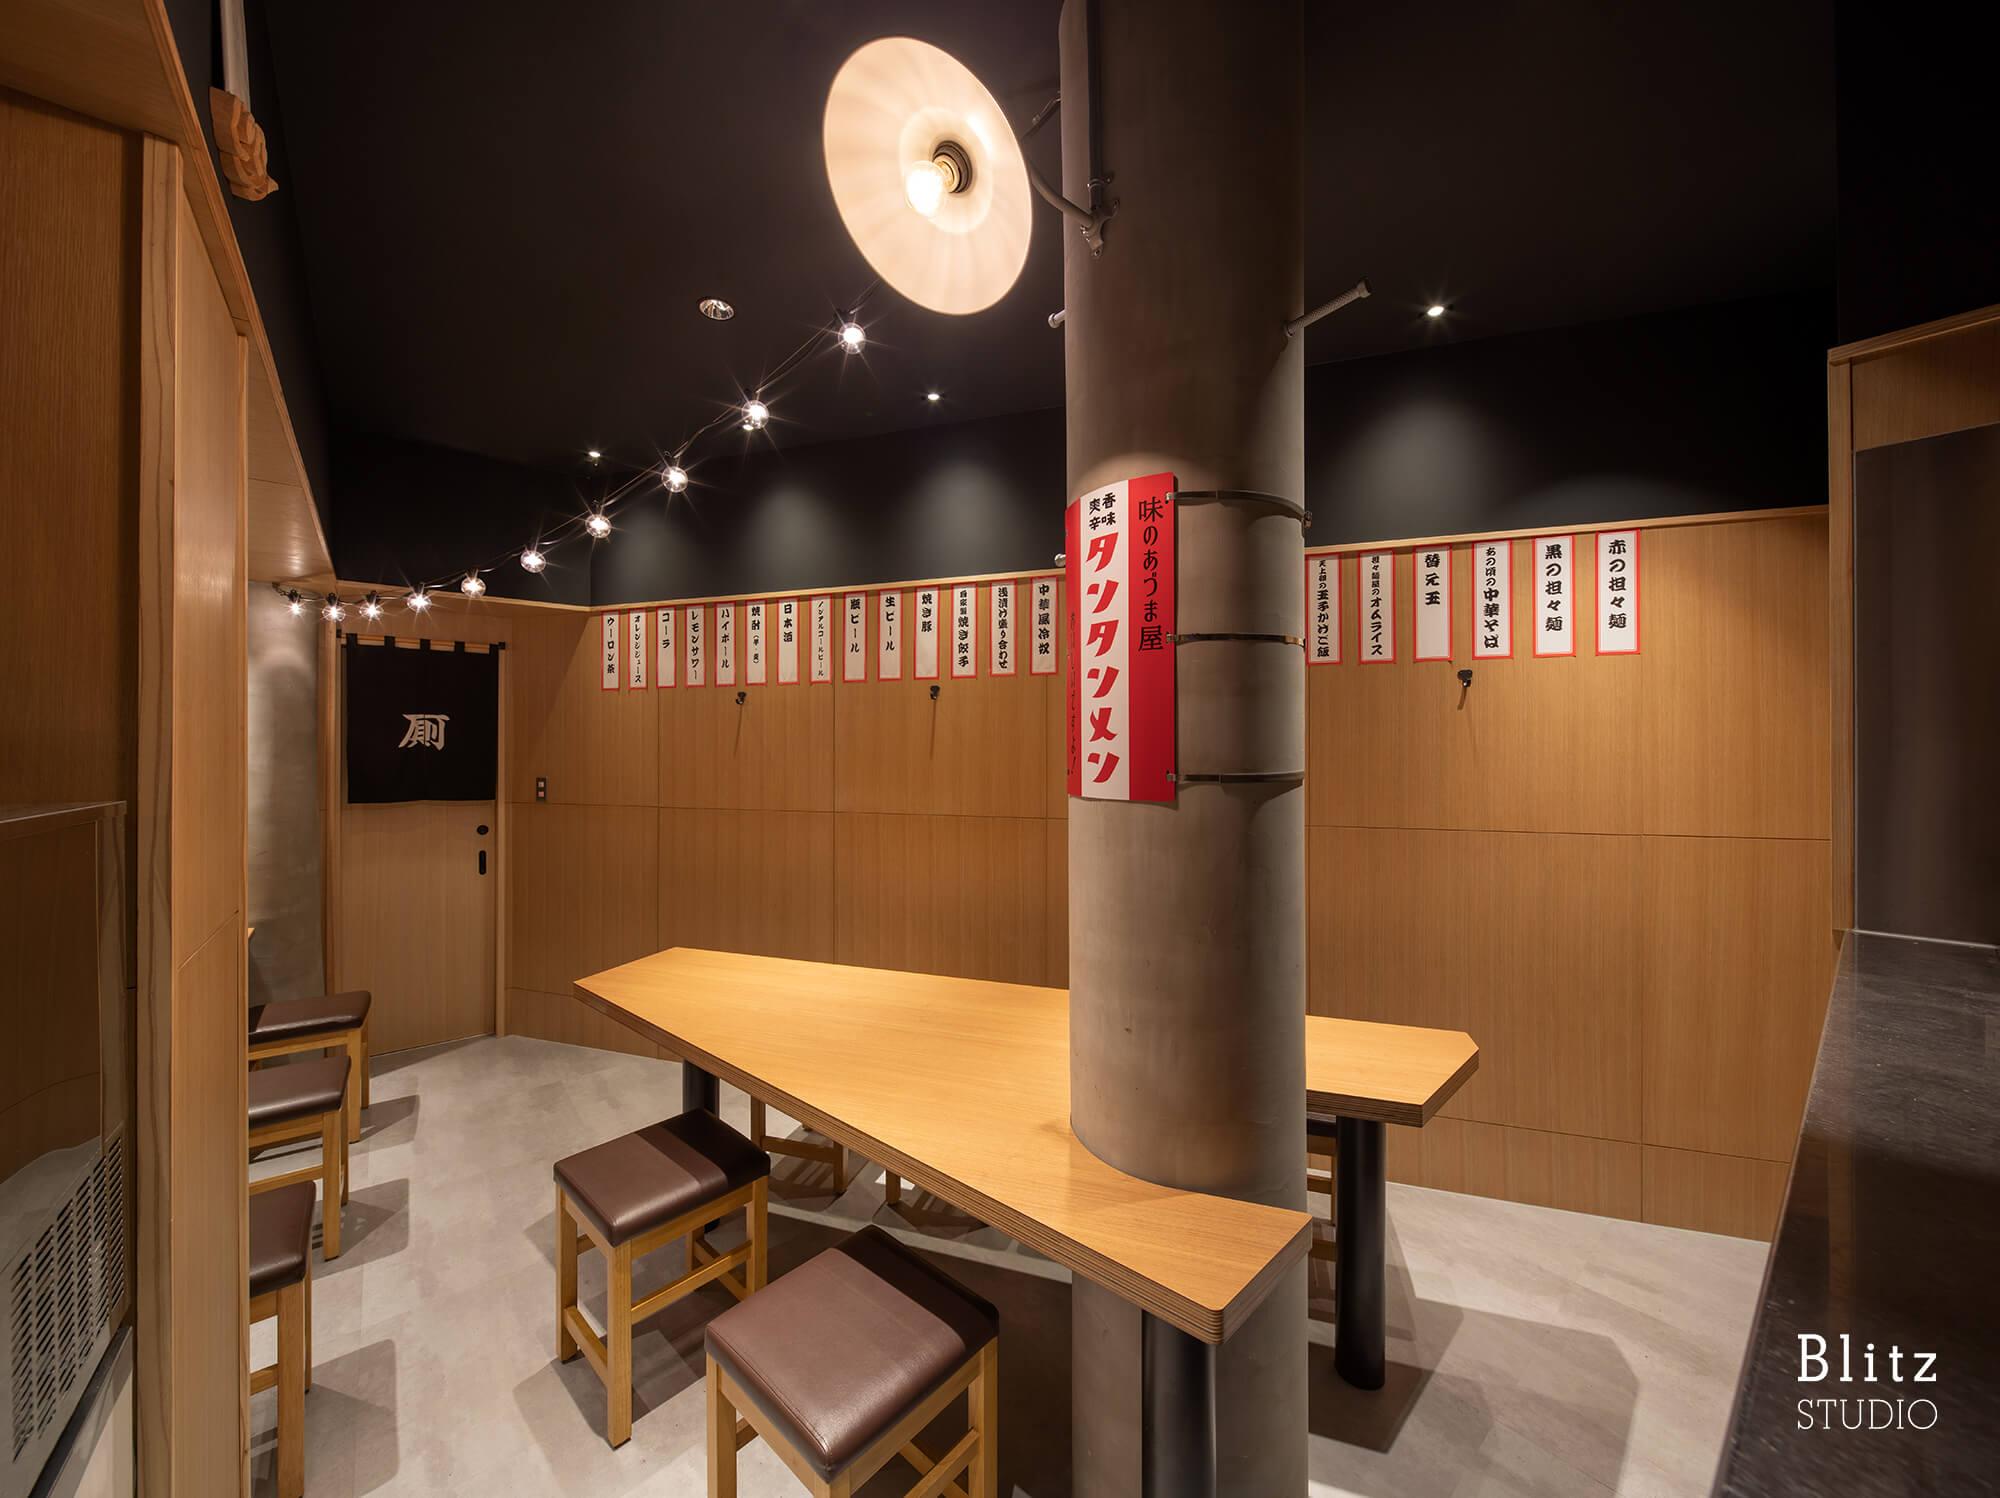 『担々麺 あづま屋 祇園店』-福岡県福岡市-建築写真・竣工写真・インテリア写真2